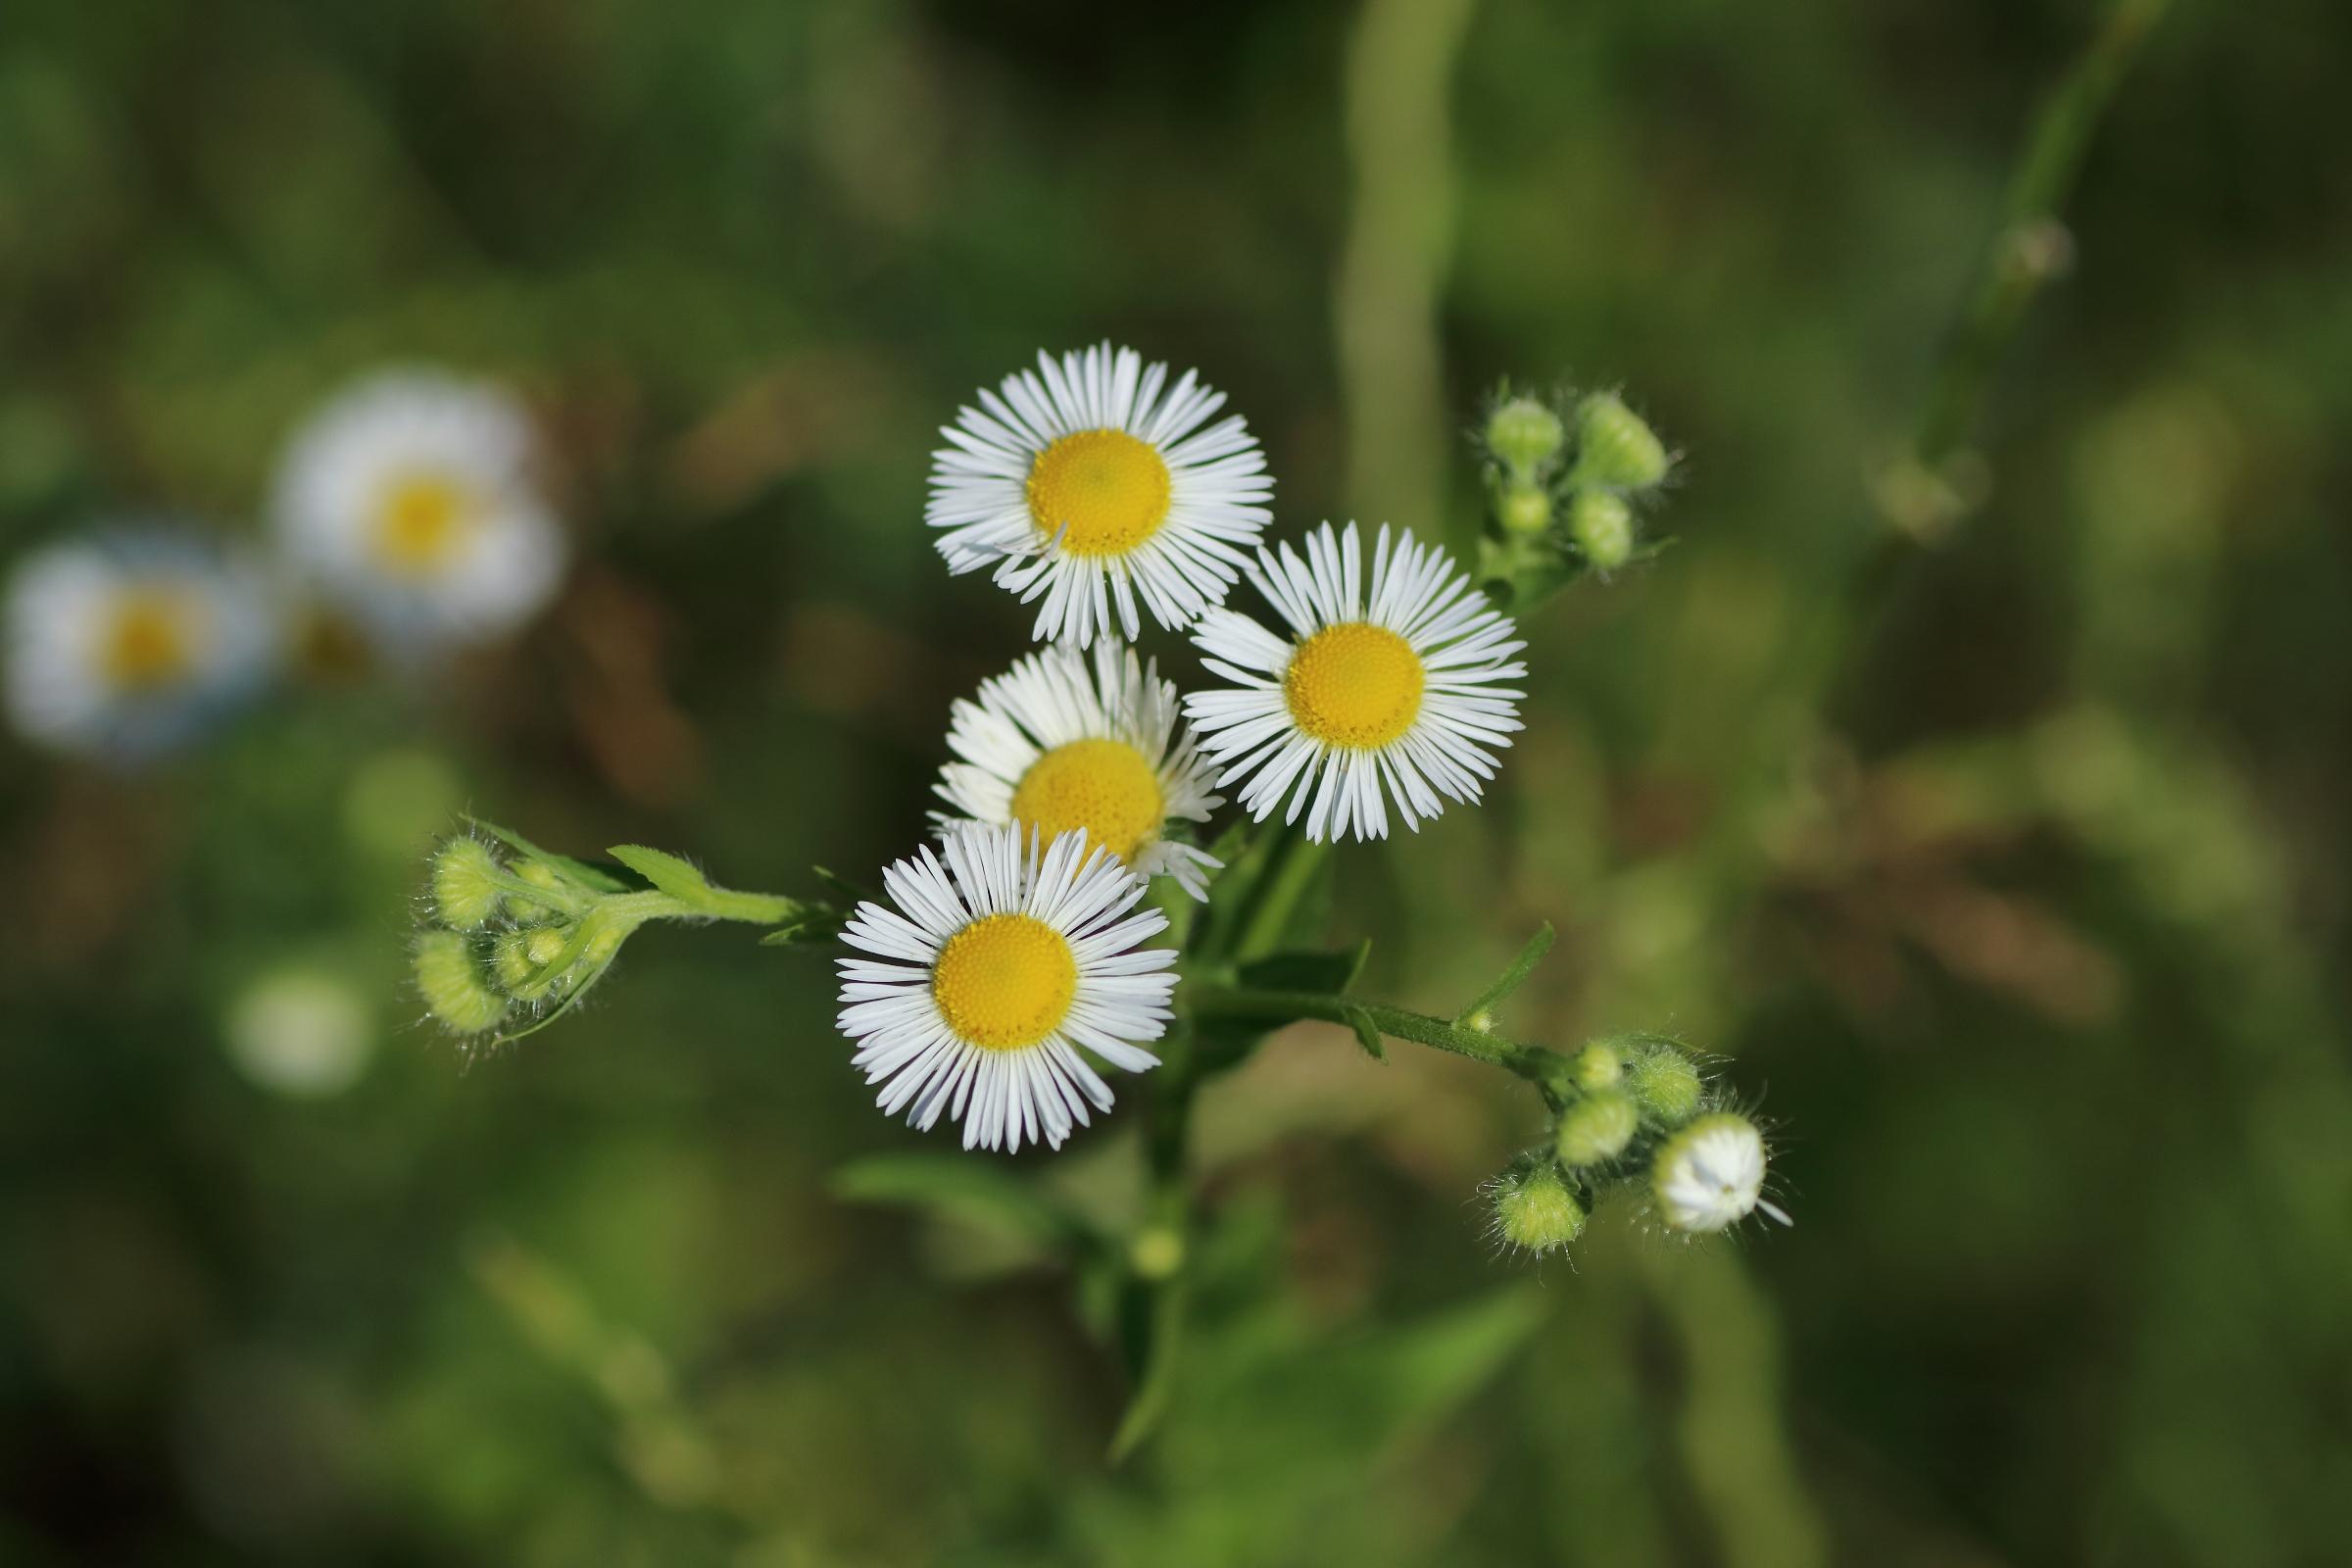 Einjähriger Feinstrahl - Blüten